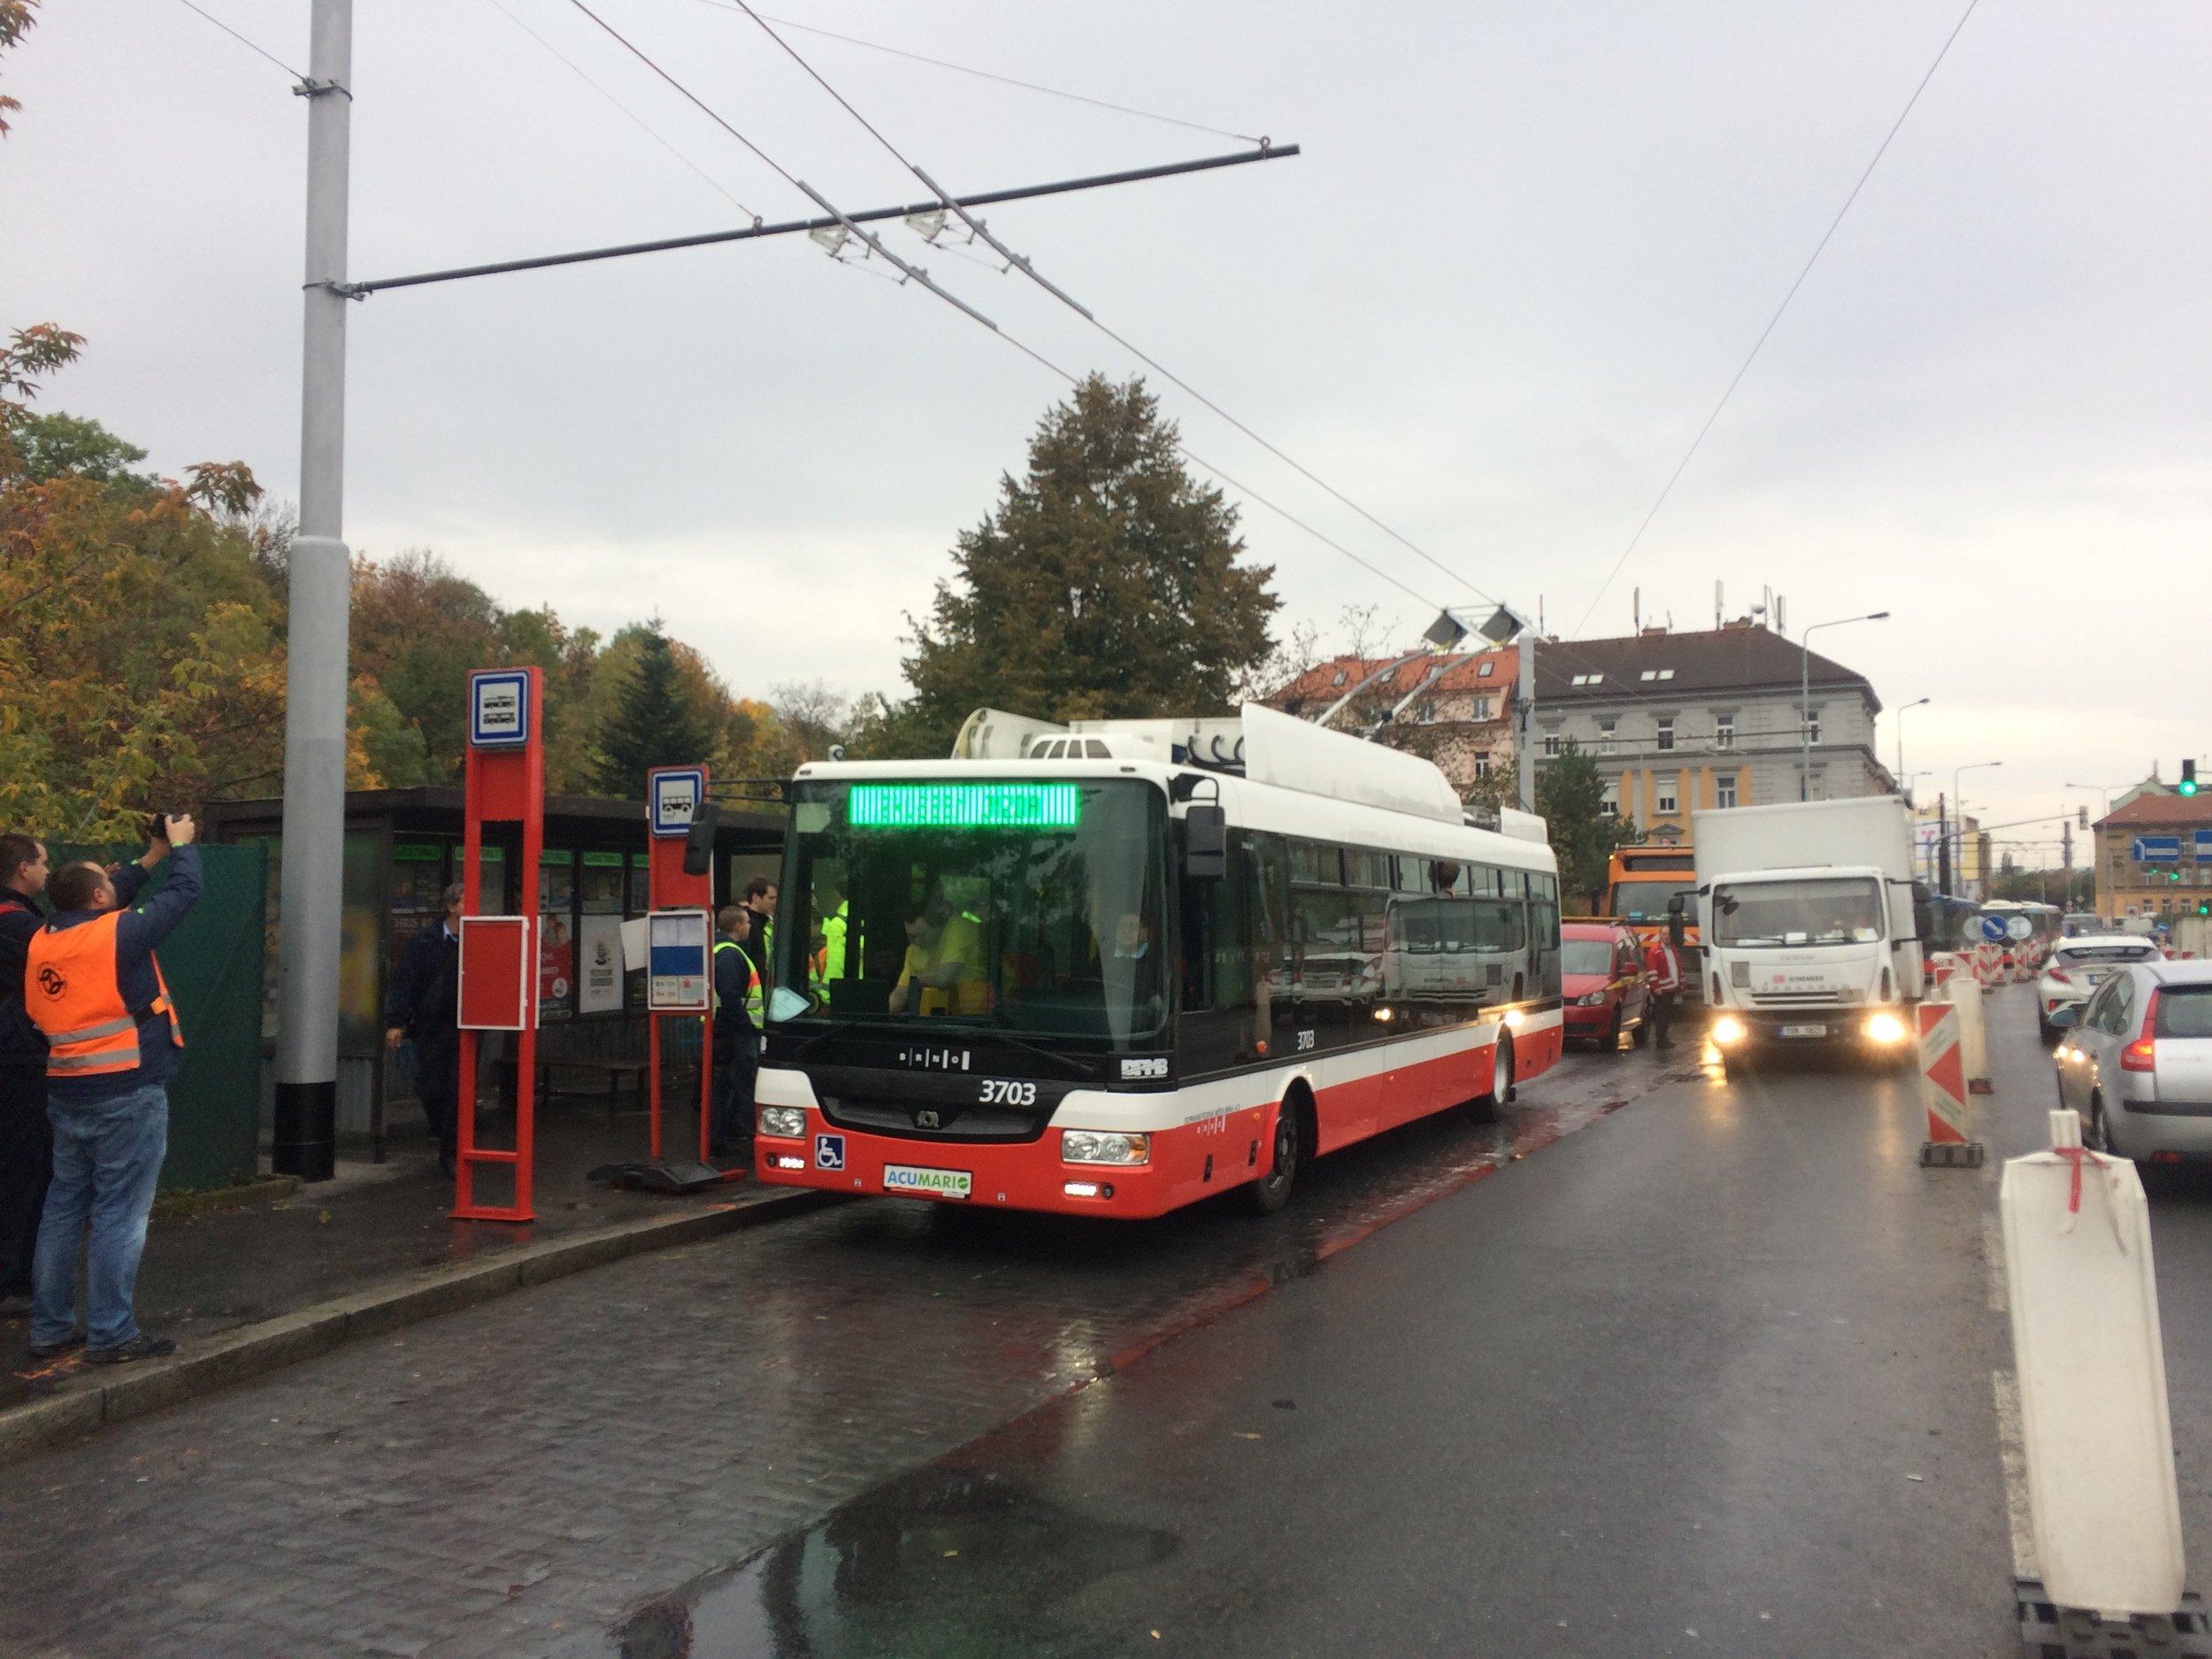 Dne 10. 10. 2017, krátce po čtvrt na jedenáct dopoledne, urazil v Praze své první metry trolejbus.(foto: Libor Hinčica)